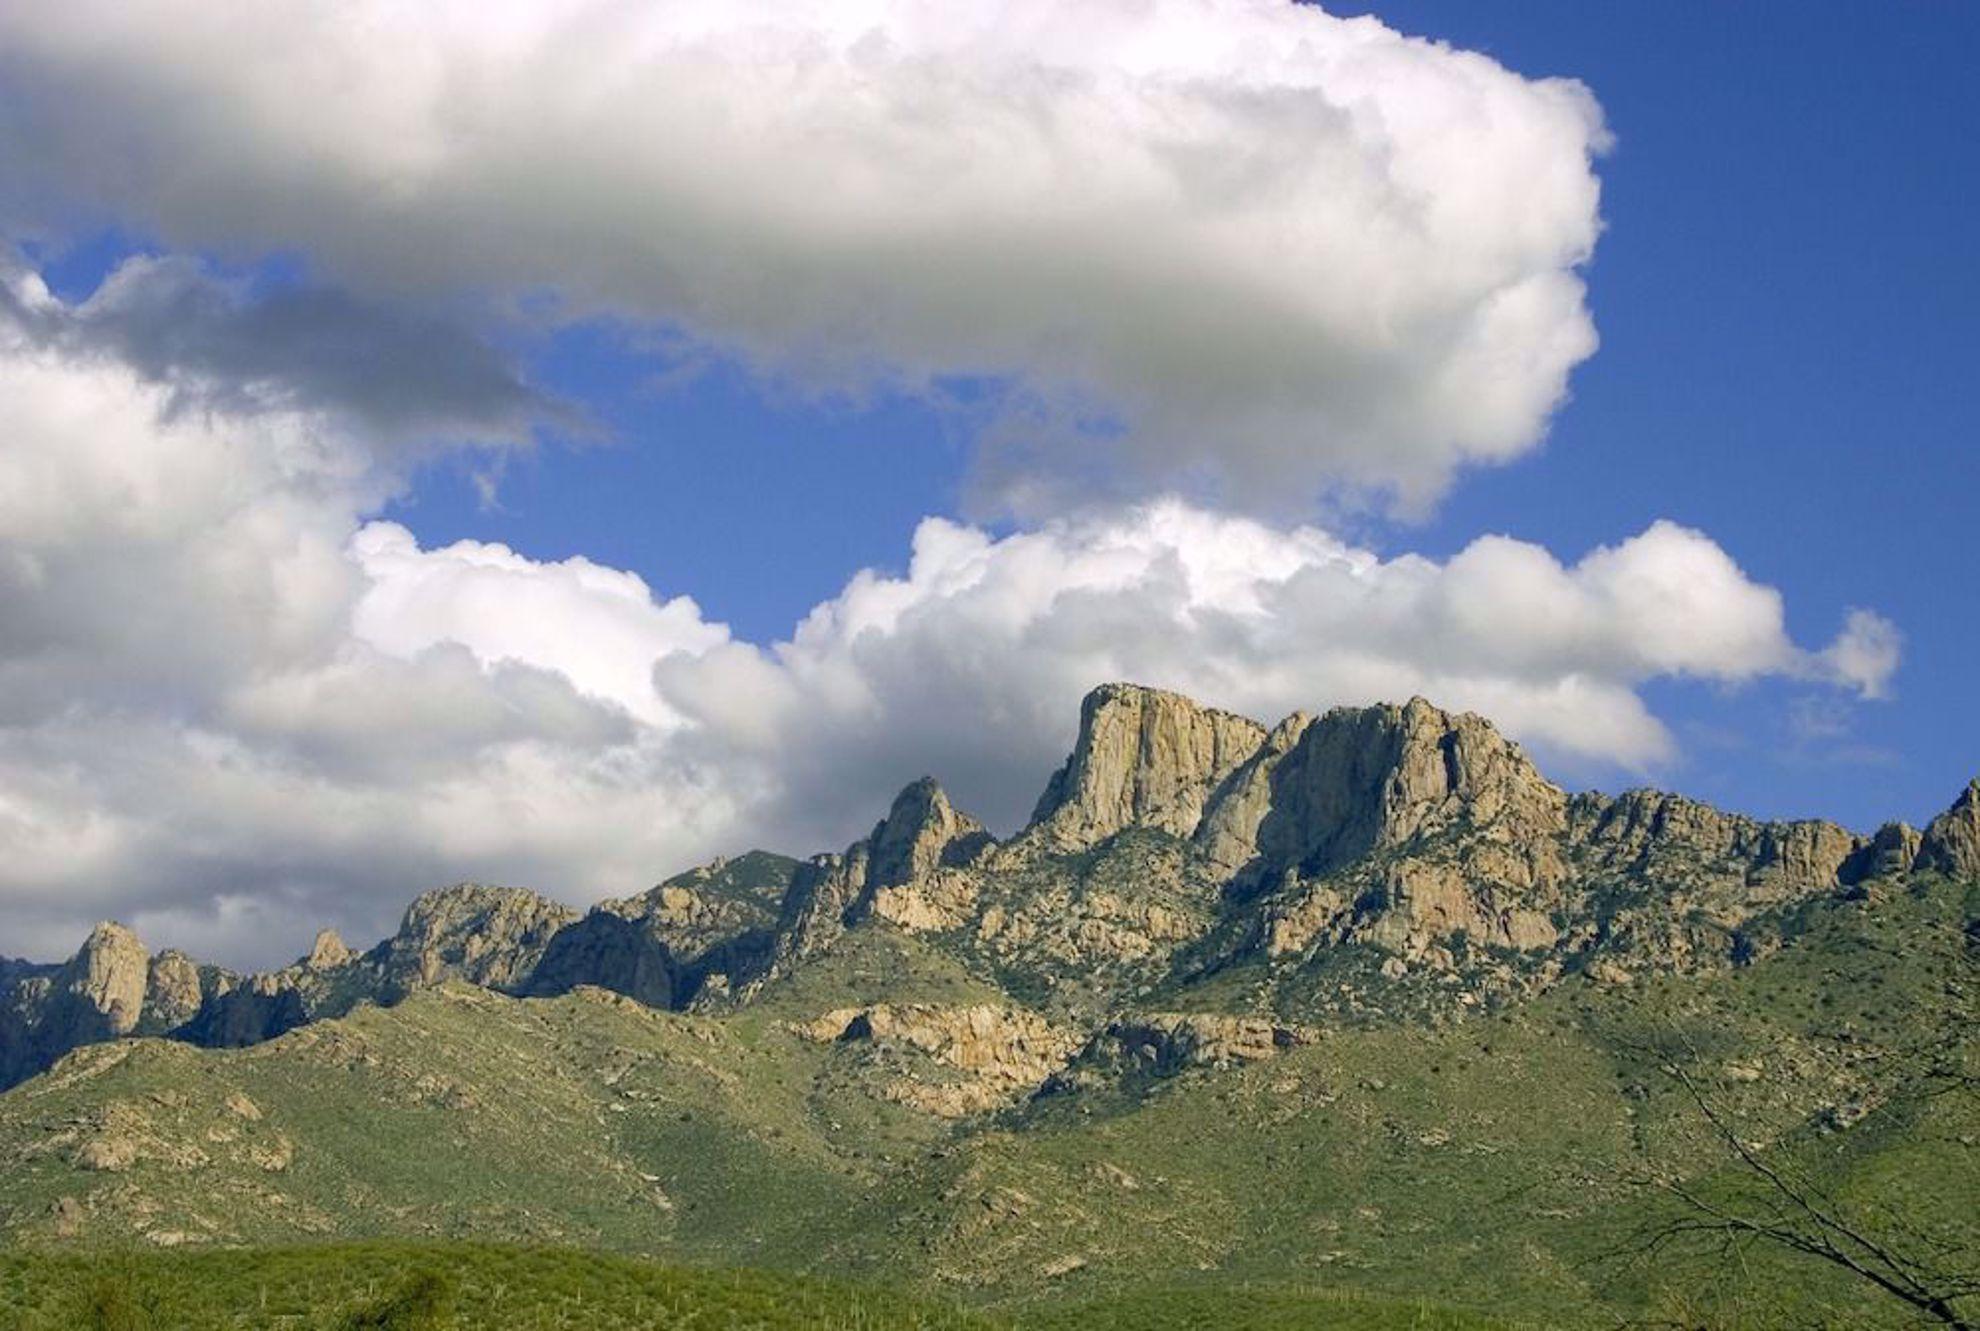 Catalina Mountains near Tucson